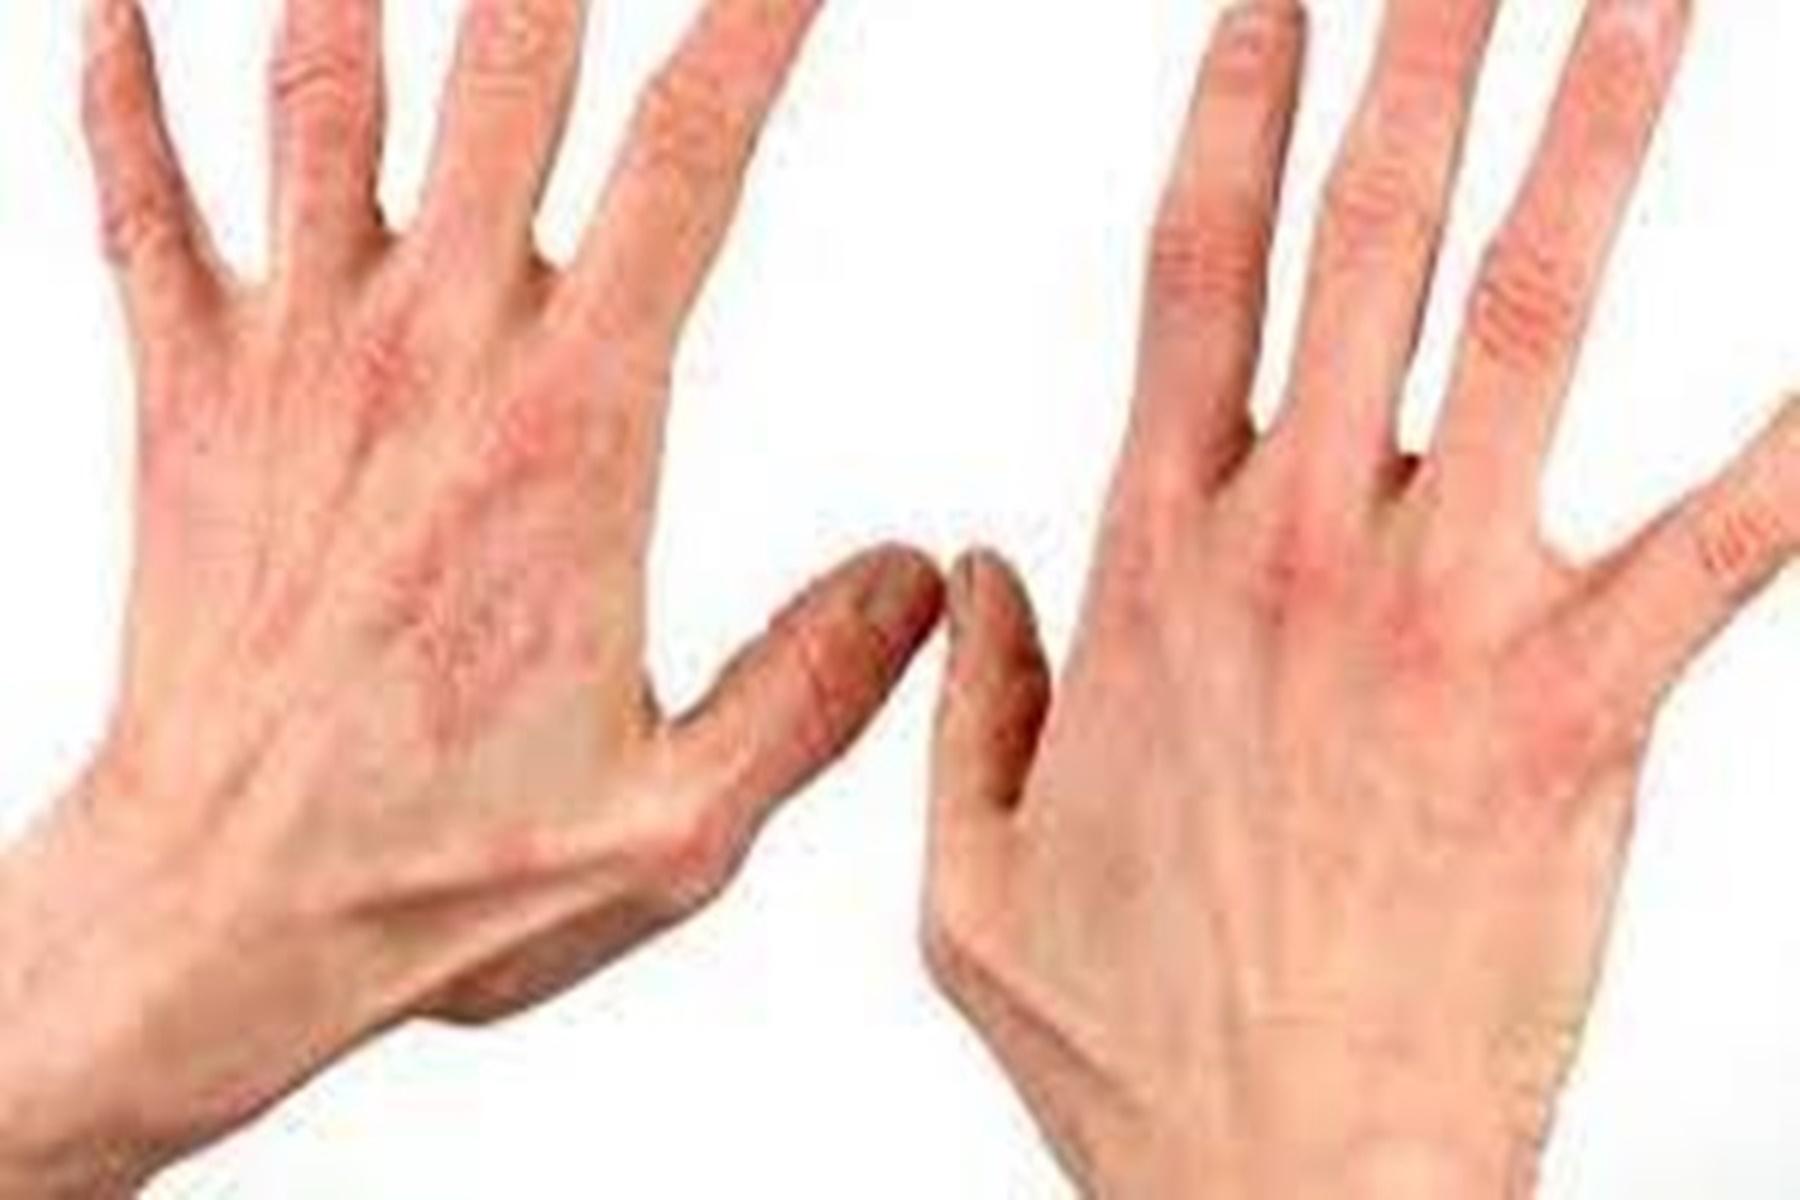 Ατοπική δερματίτιδα : Συμβουλές για να την αντιμετωπίσετε